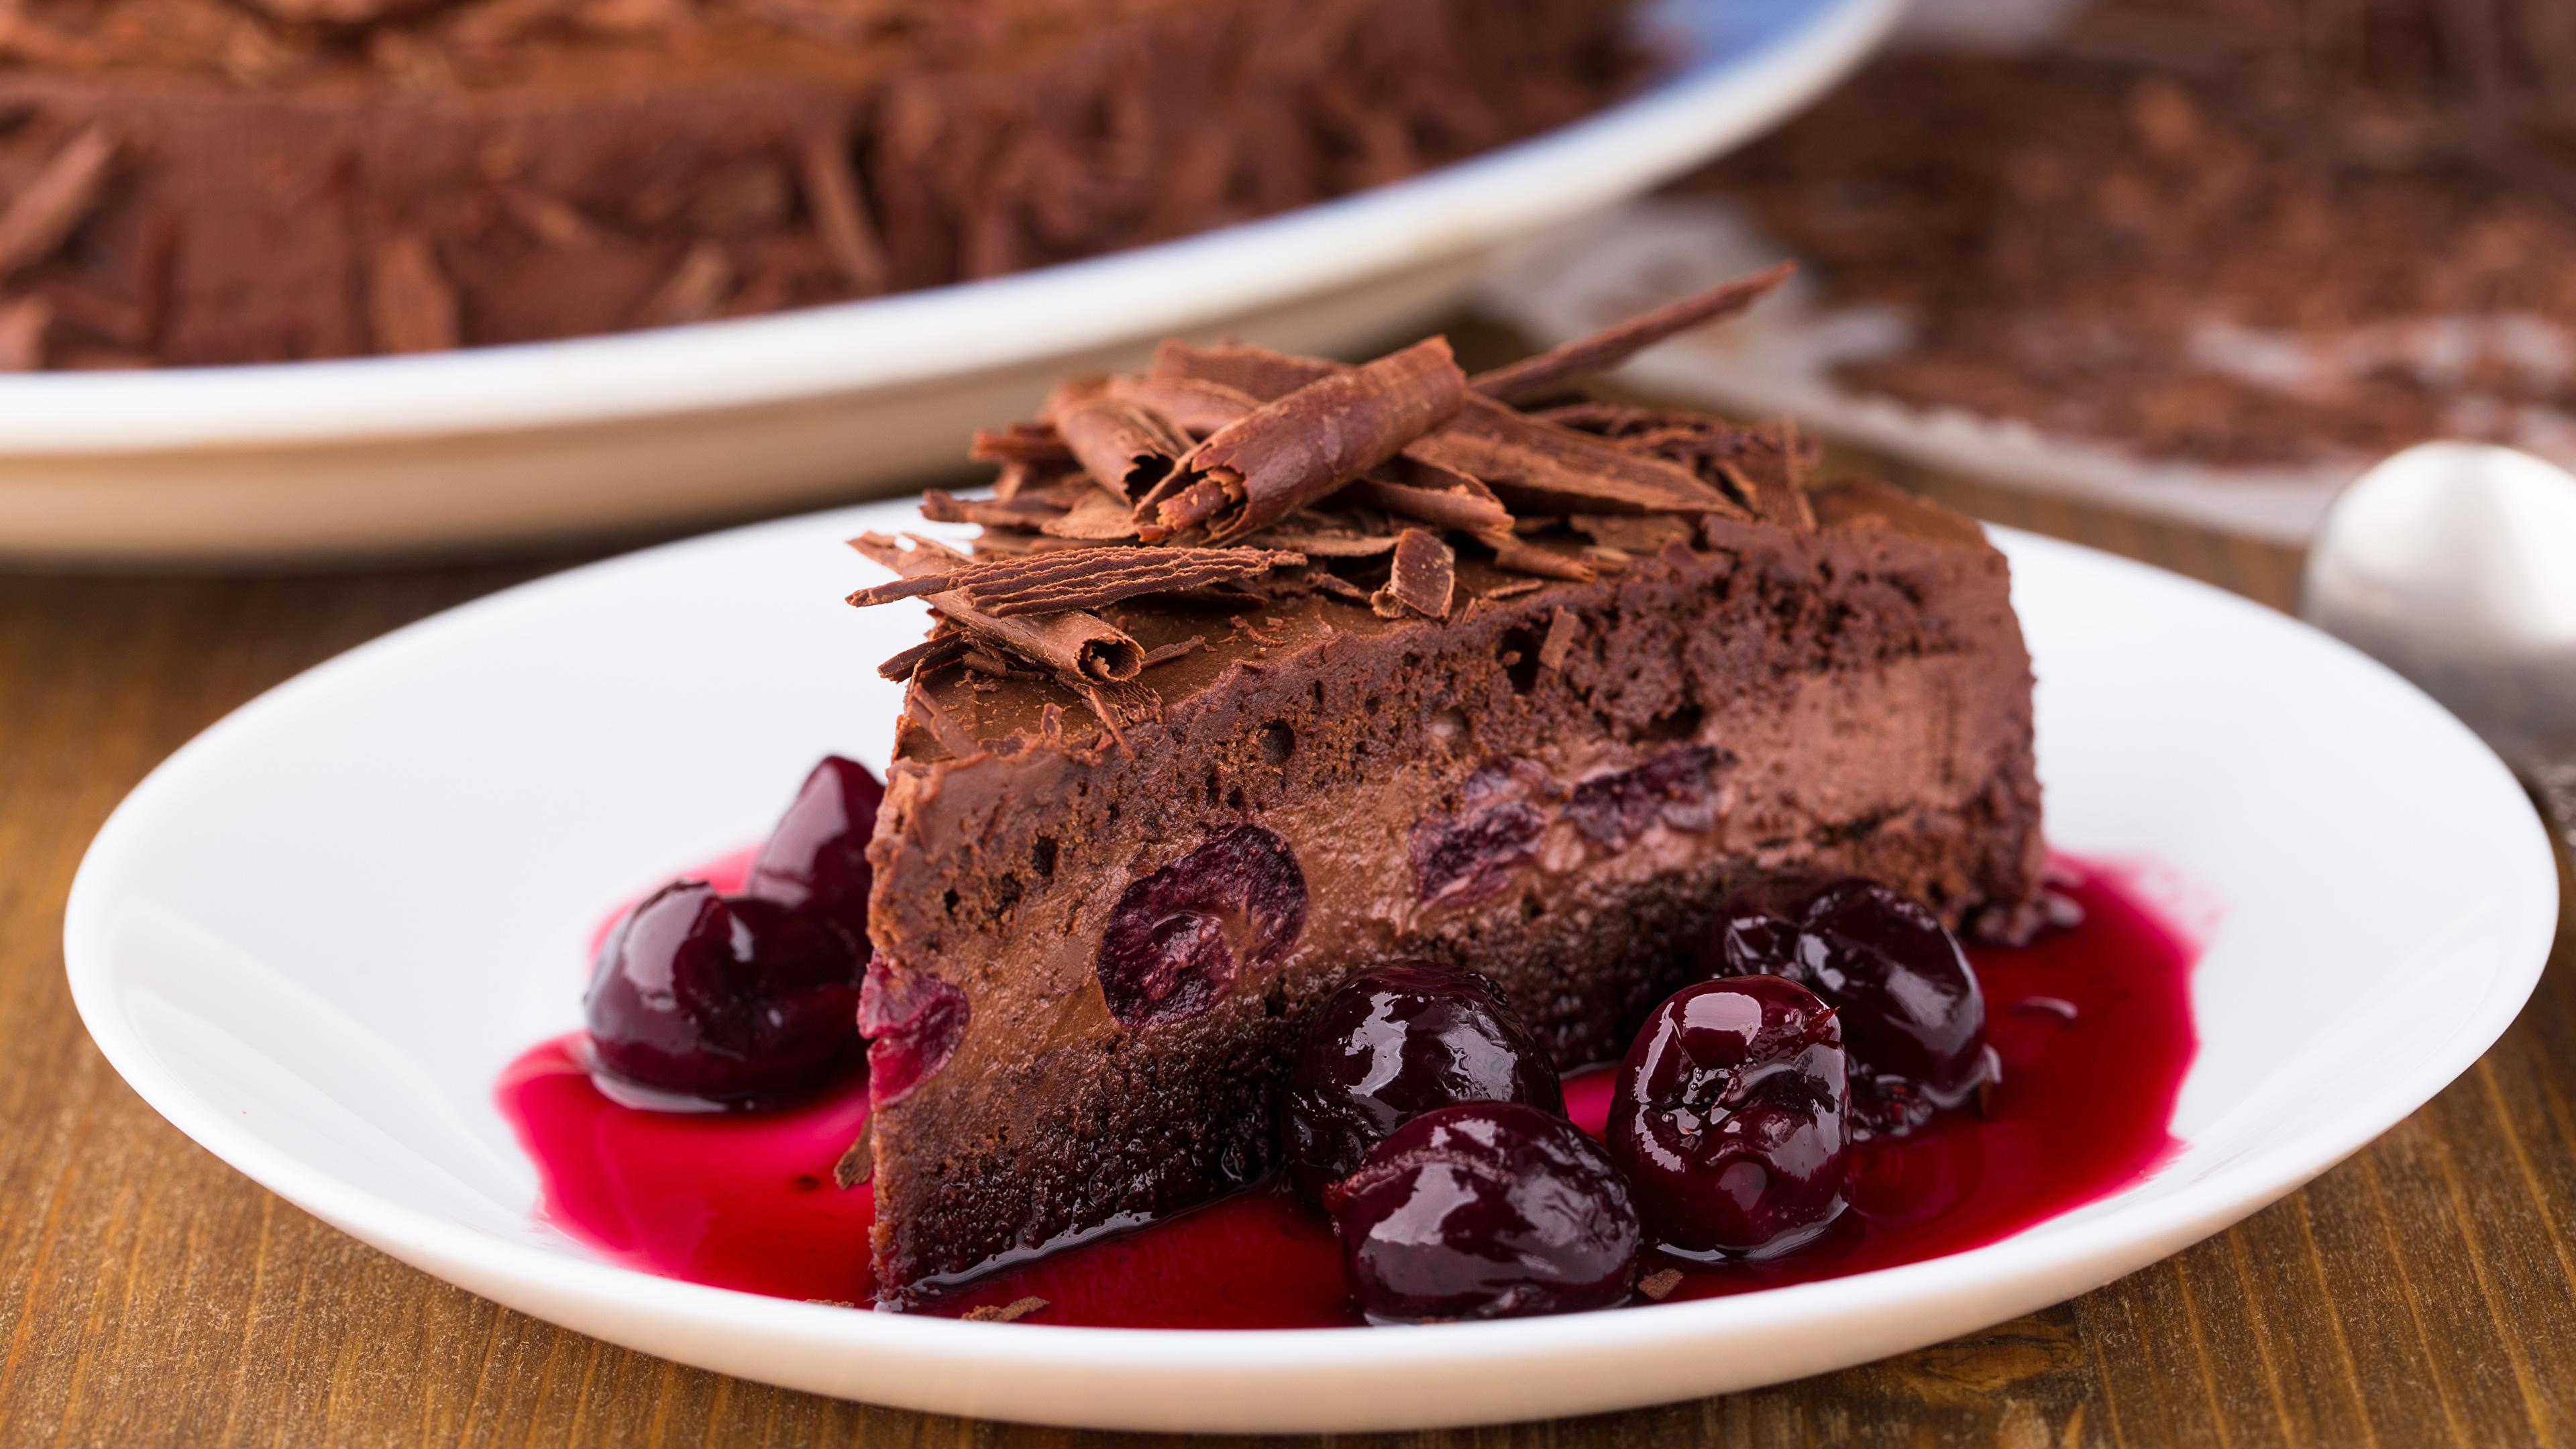 Картинки Шоколад Торты Кусок Вишня Пища 3840x2160 часть кусочки кусочек Черешня Еда Продукты питания